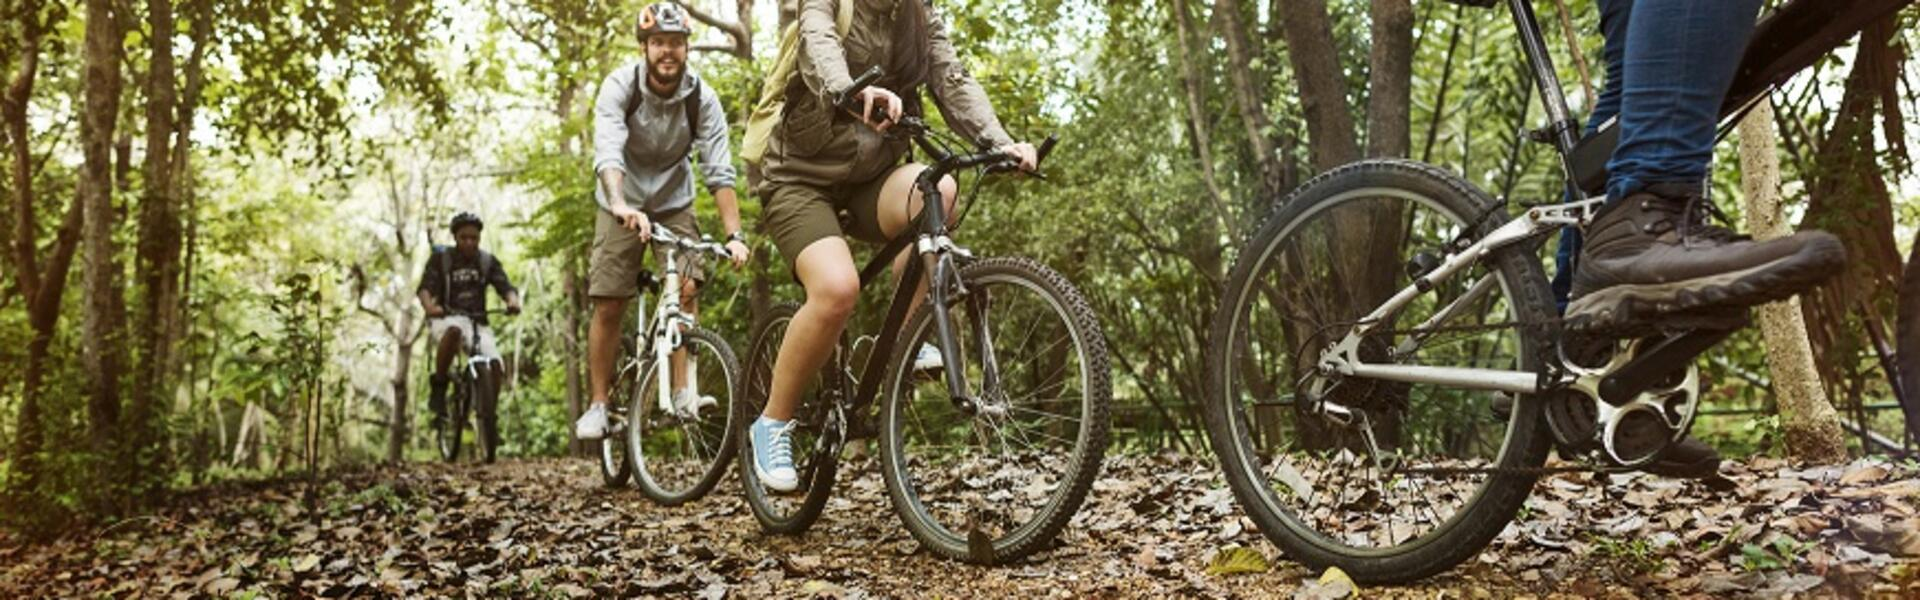 E-Bike alla scoperta del Casentino